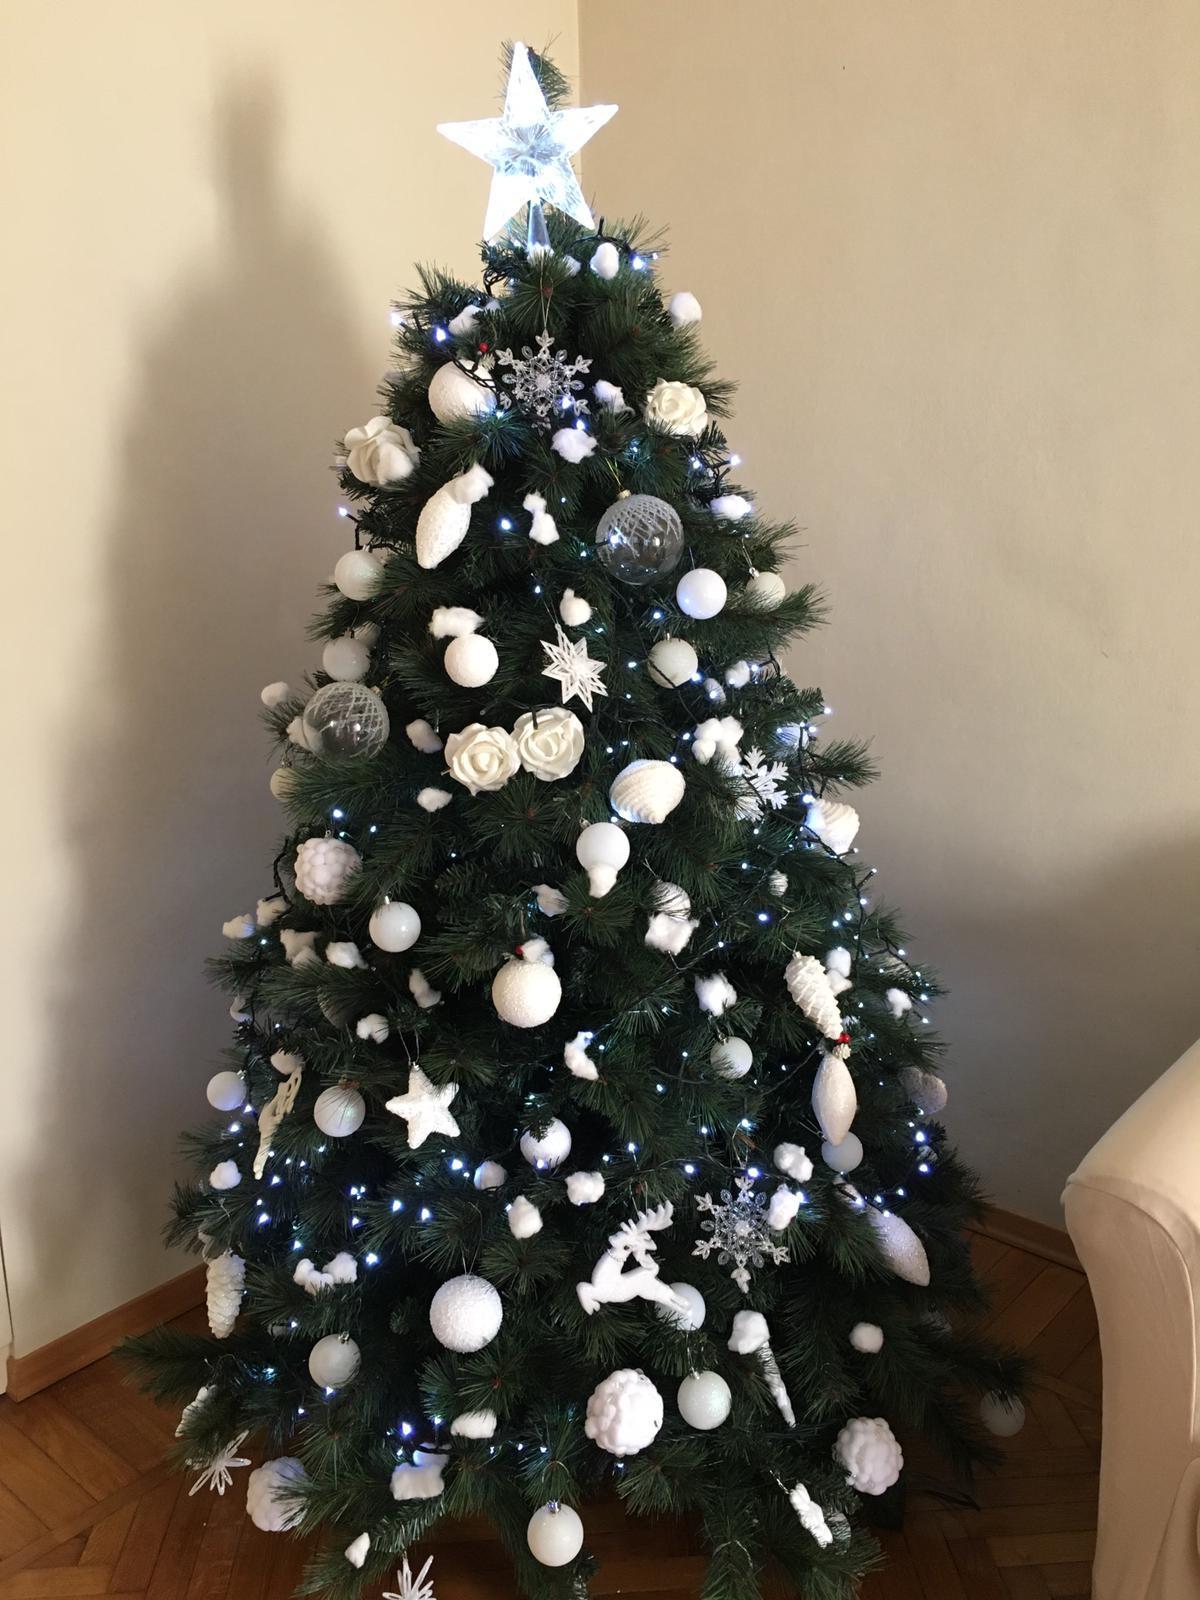 Foto E Auguri Di Buon Natale.34464299 Tanti Auguri Di Buon Natale Da Alessandro E Bruna E Al